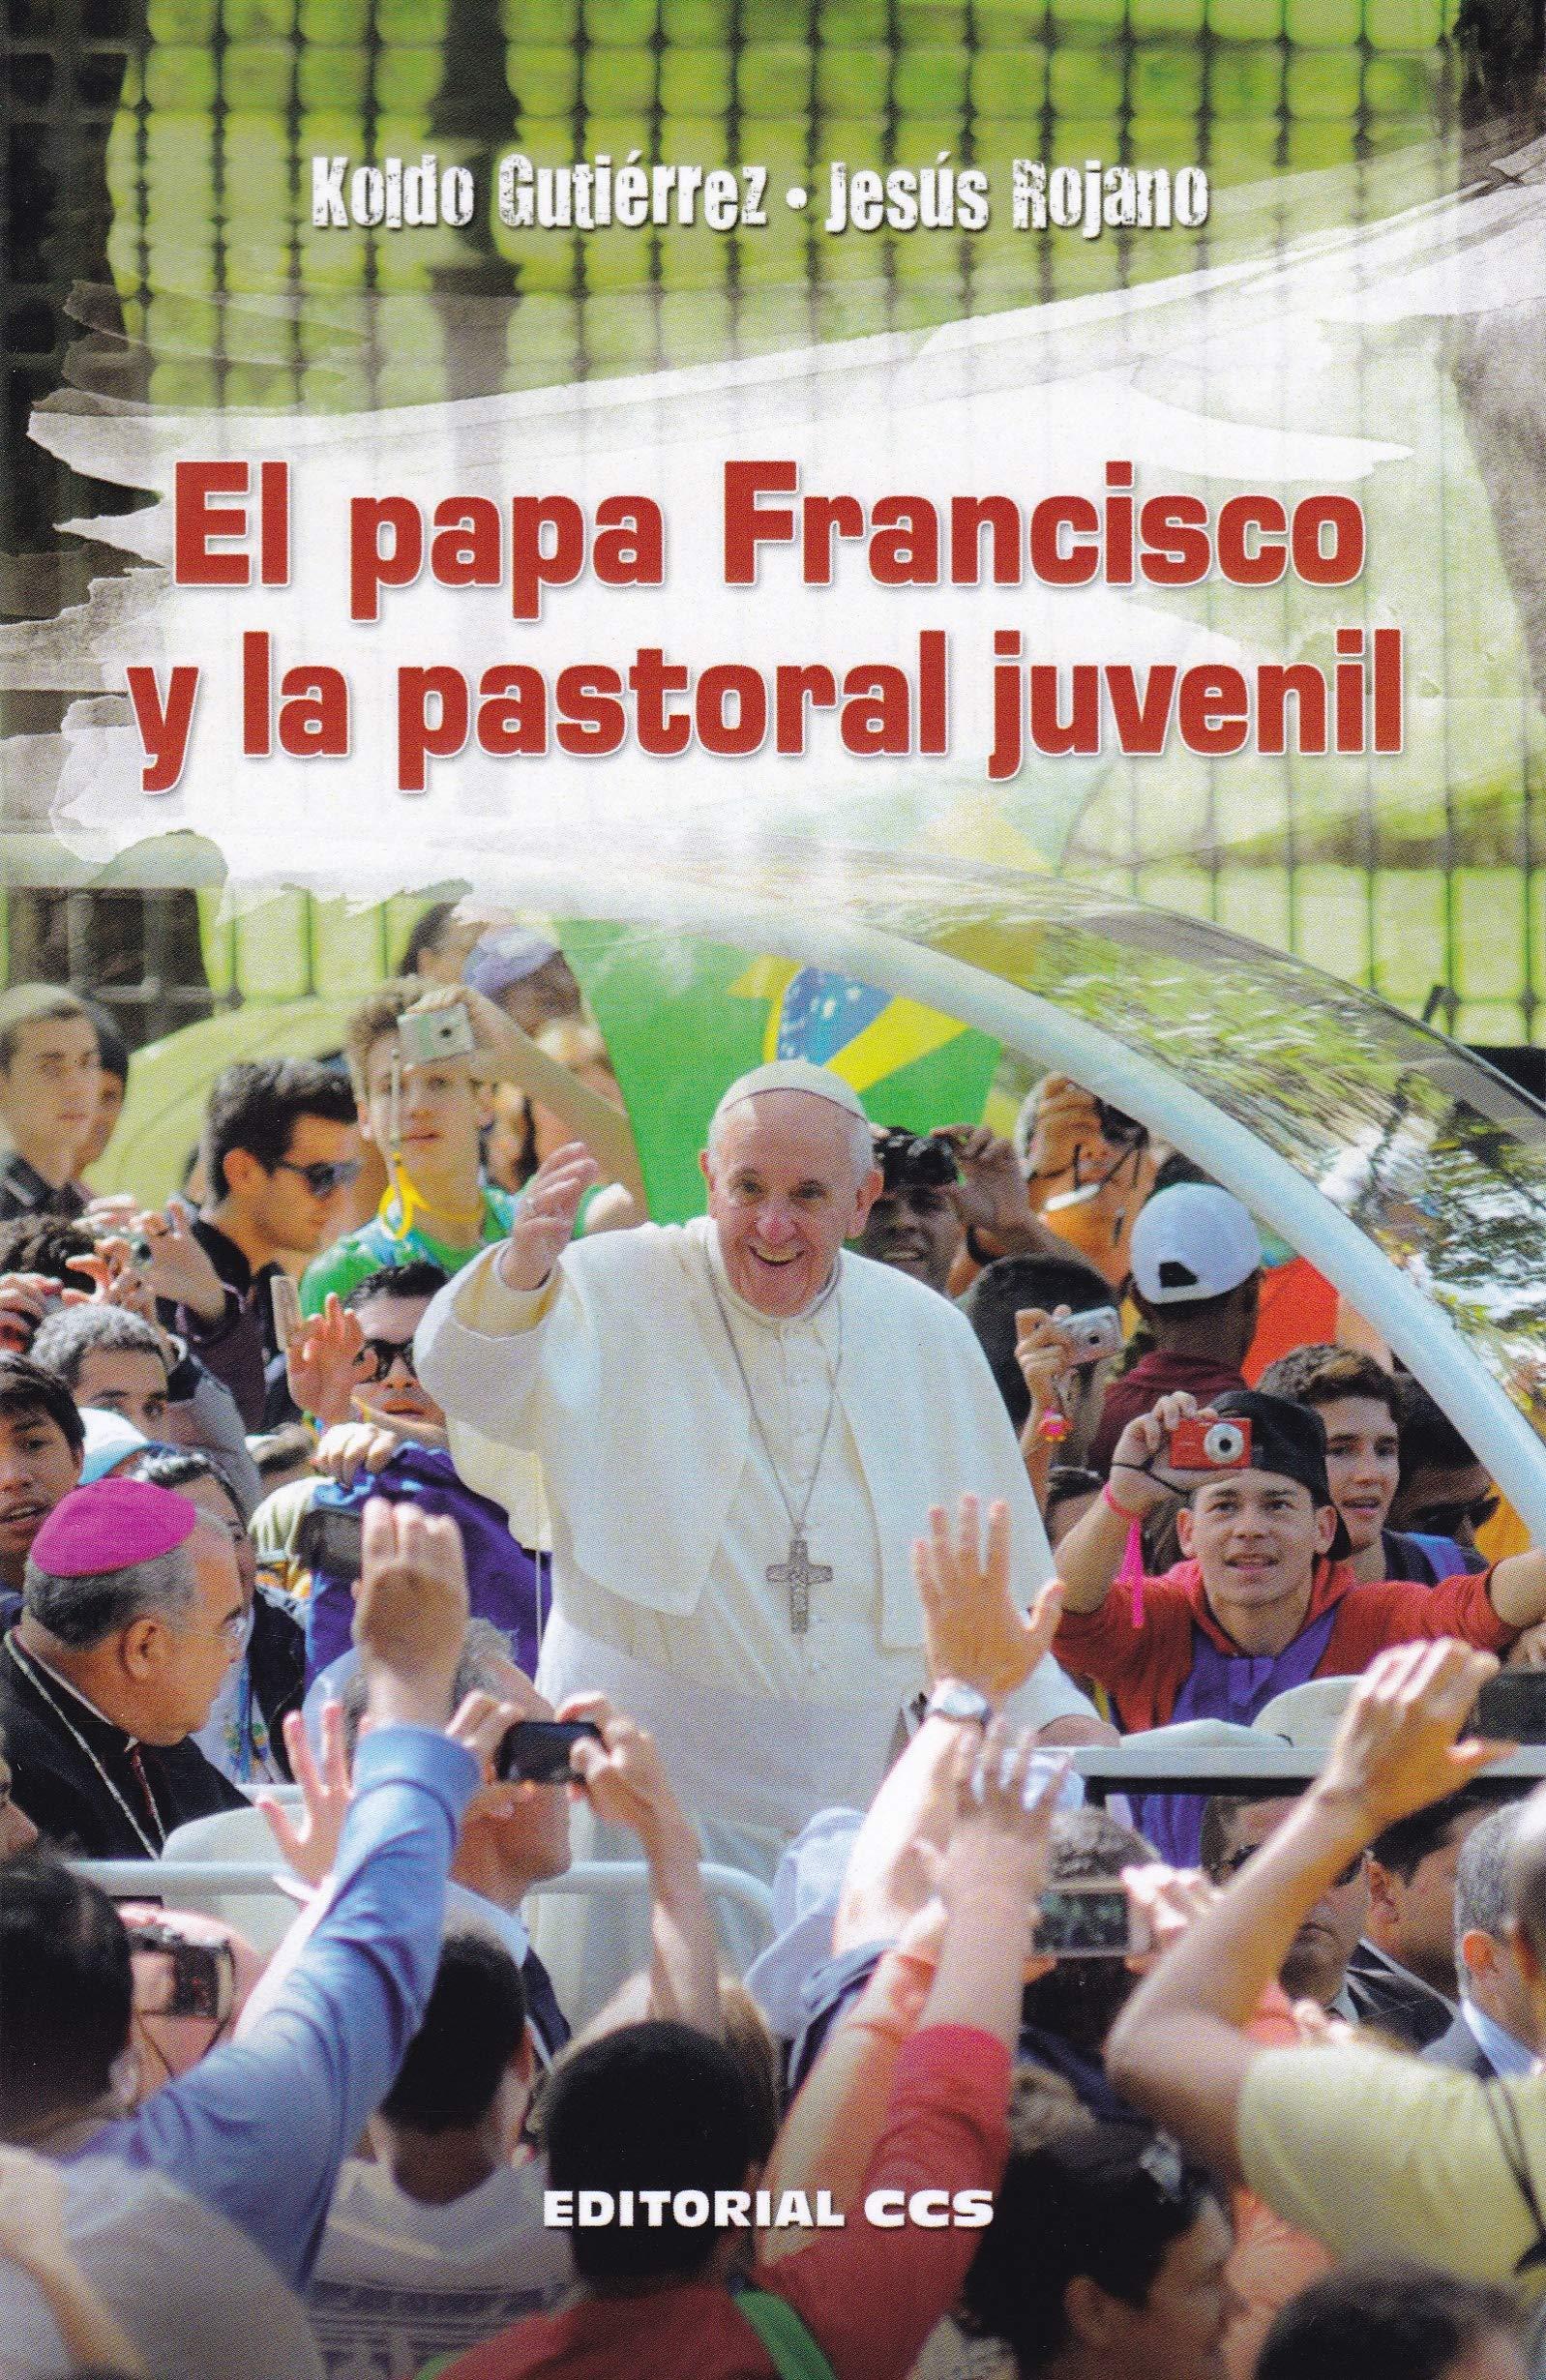 El Papa francisco y la pastoral juvenil (Agentes PJ): Amazon.es: Gutiérrez Cuesta, Luis Fernando, Rojano Martínez, Jesús: Libros